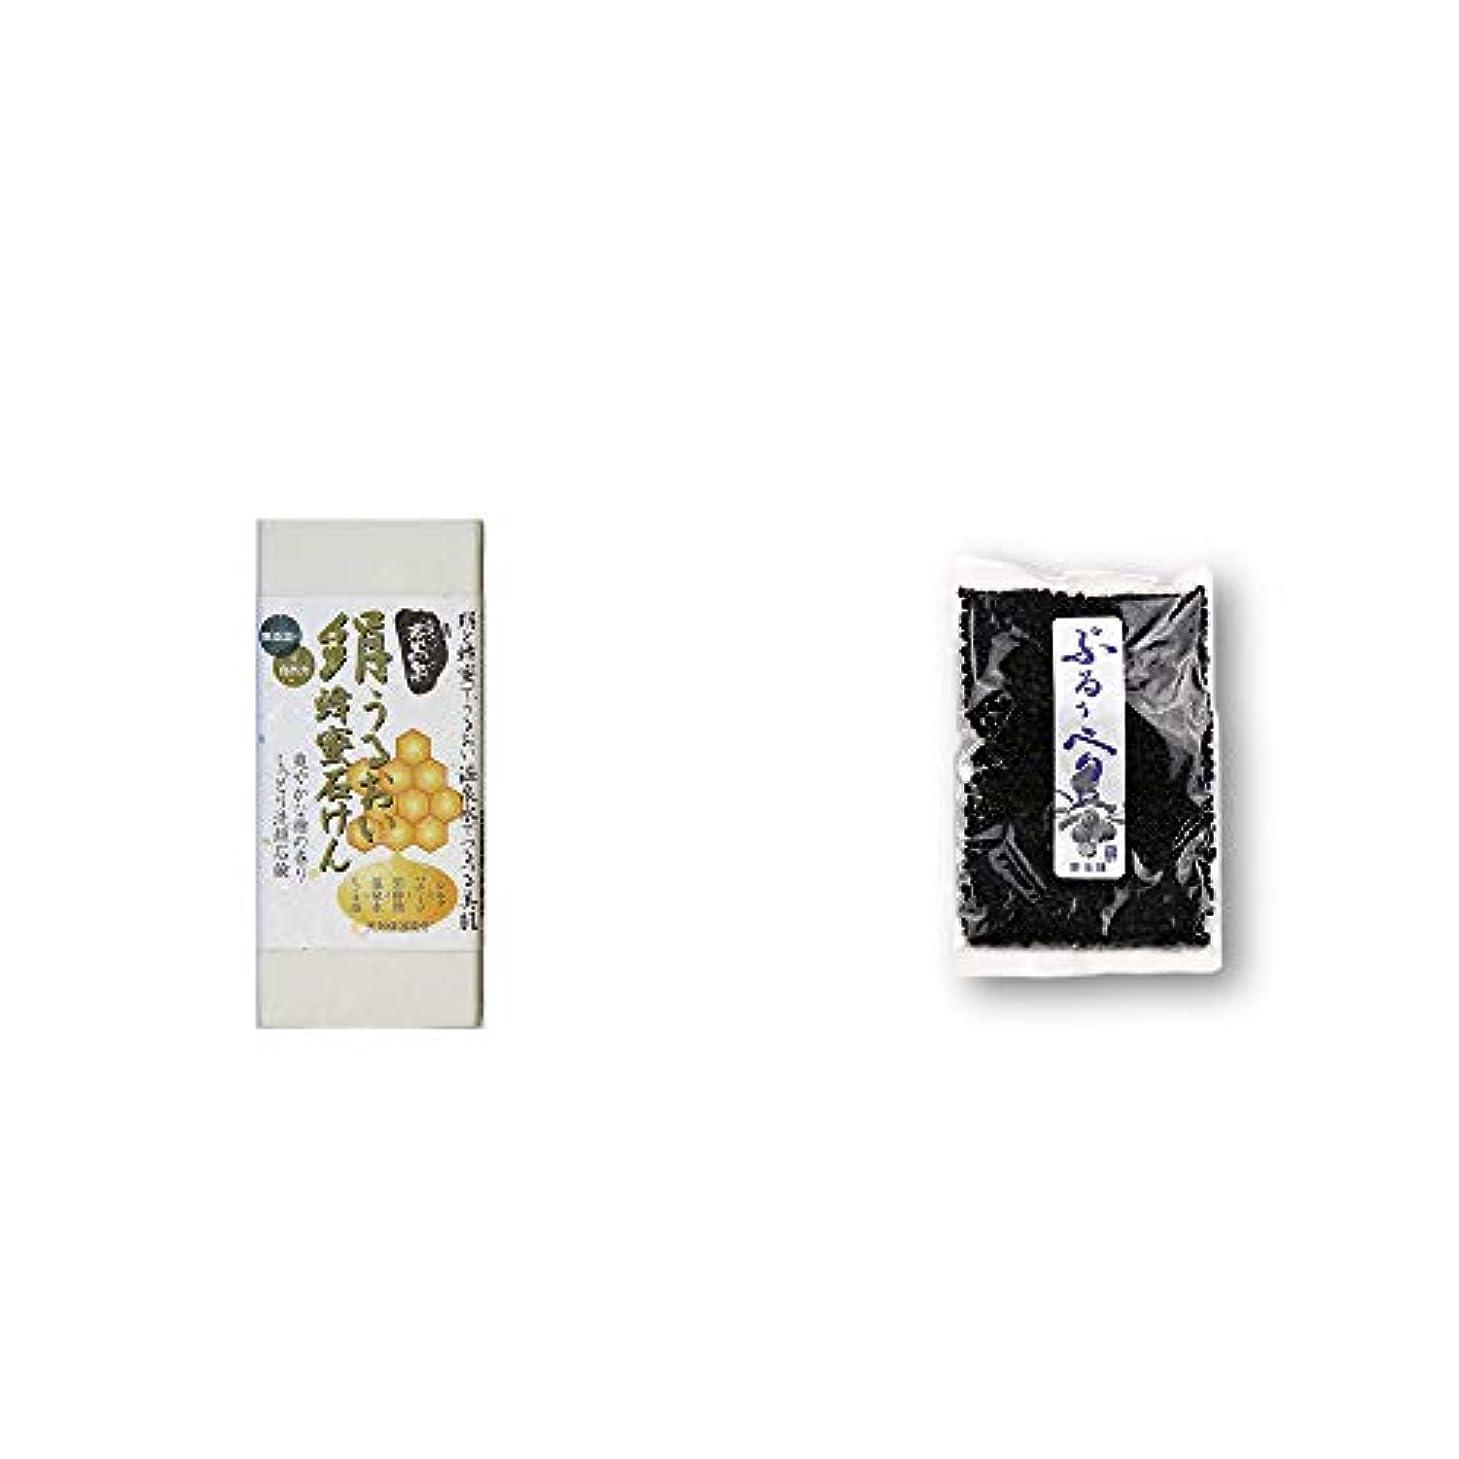 耐えるほかに差別化する[2点セット] ひのき炭黒泉 絹うるおい蜂蜜石けん(75g×2)?野生種ぶるぅべりぃ(260g)